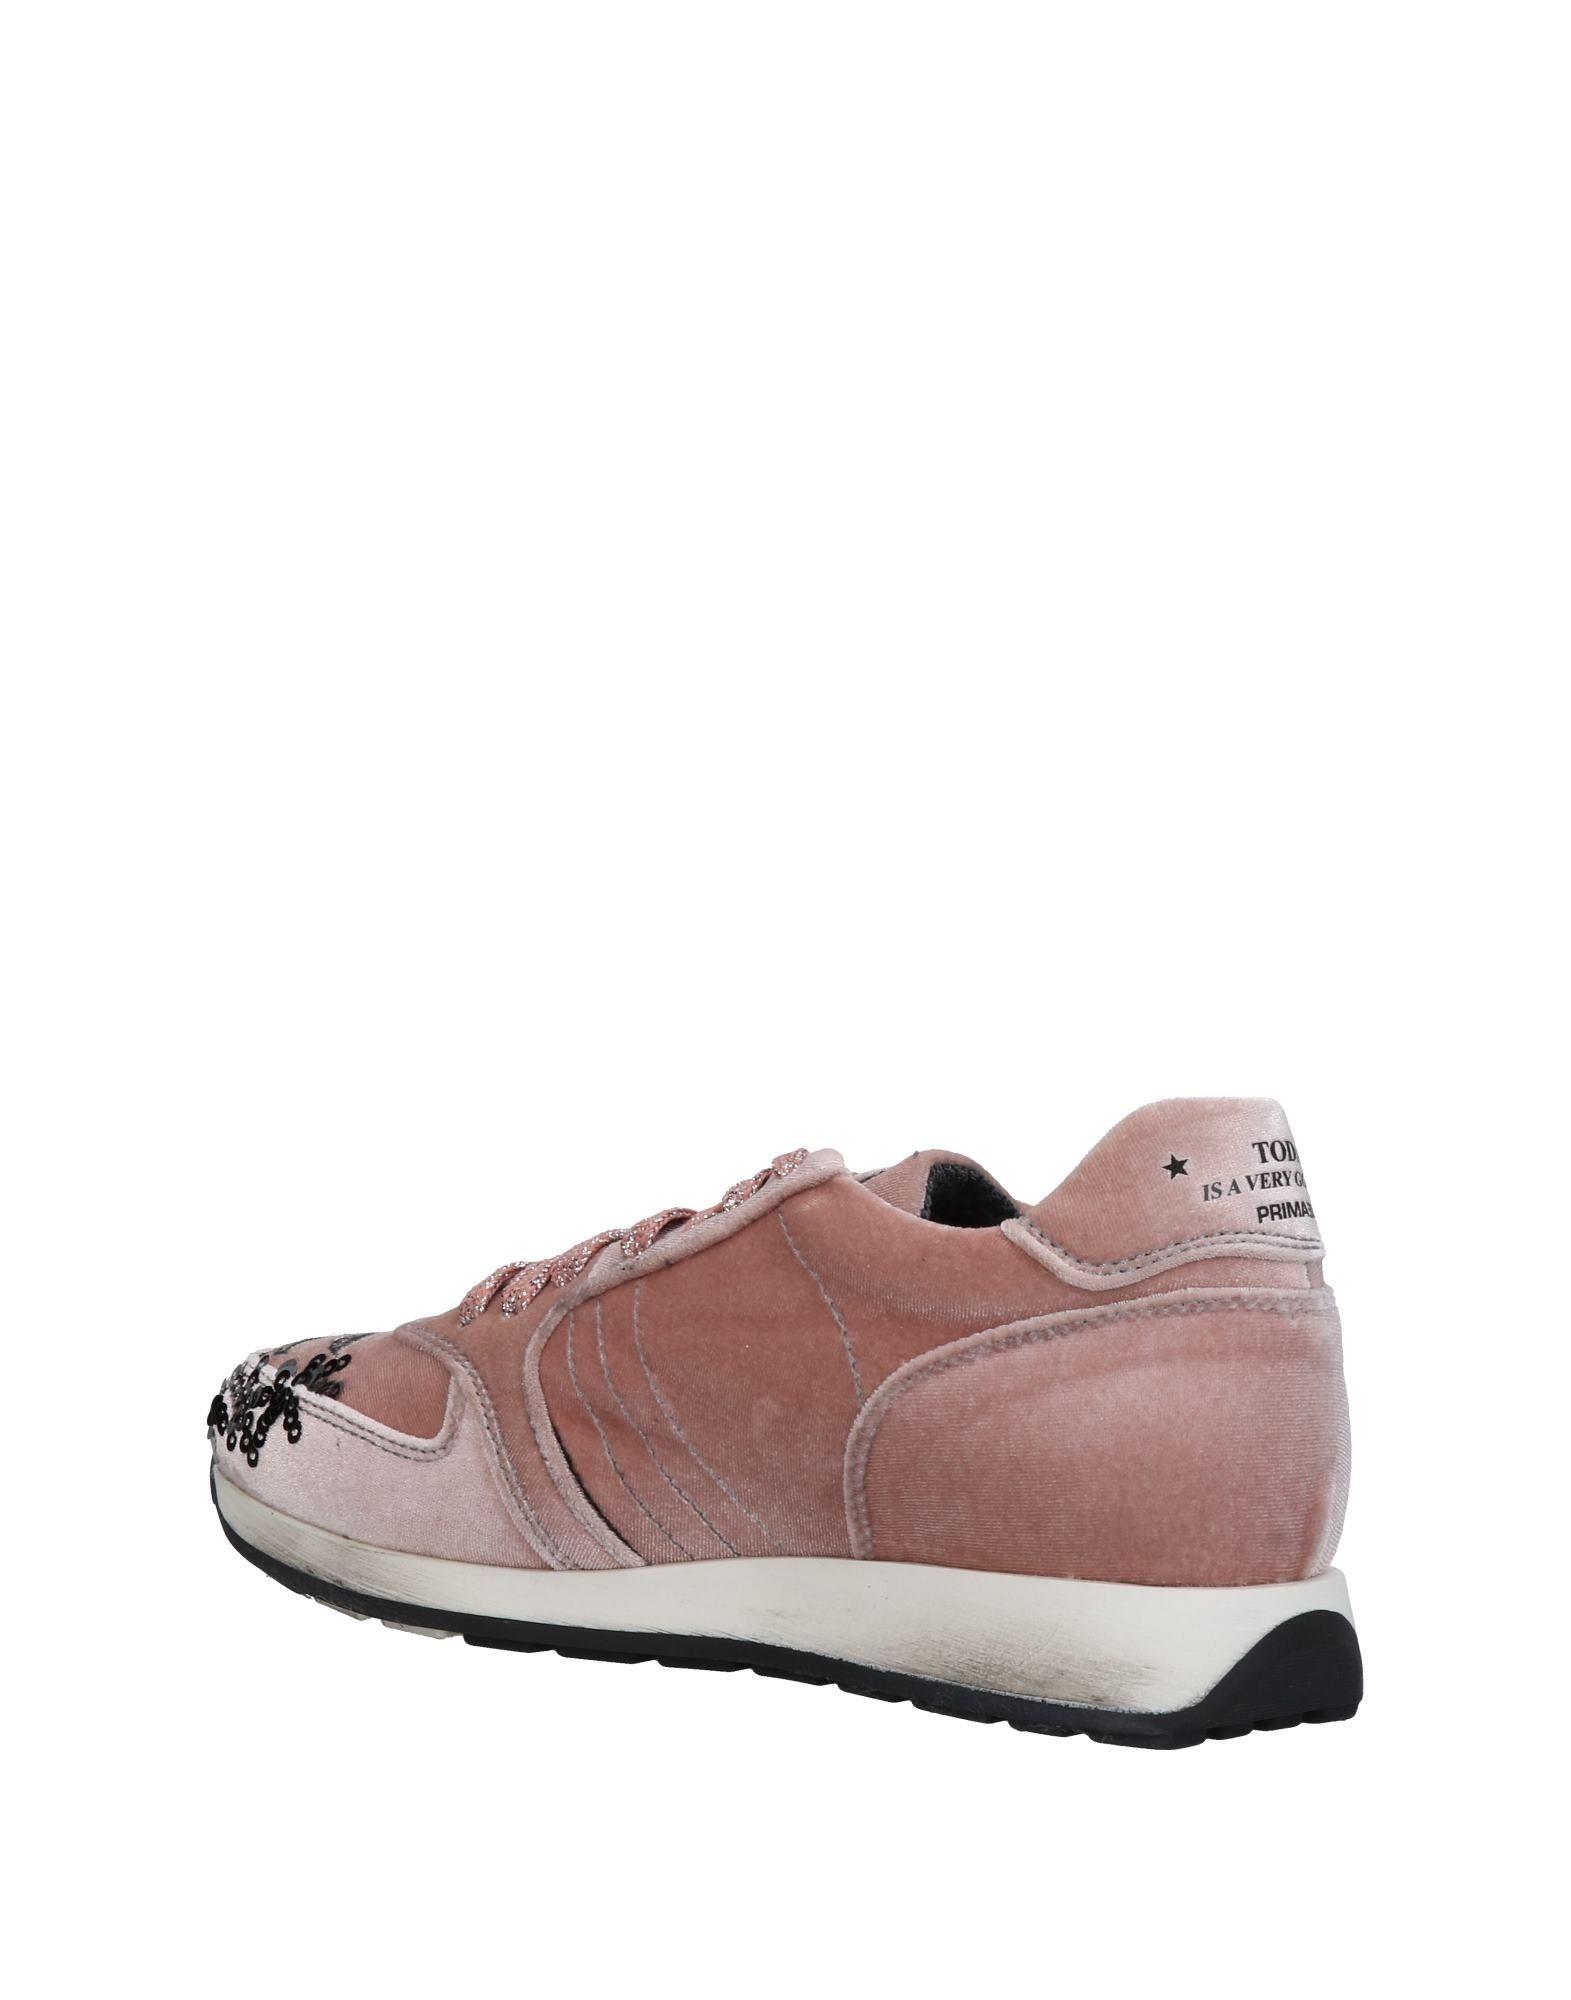 Stilvolle billige Schuhe Primabase Sneakers 11451727IU Damen  11451727IU Sneakers 93f6a4